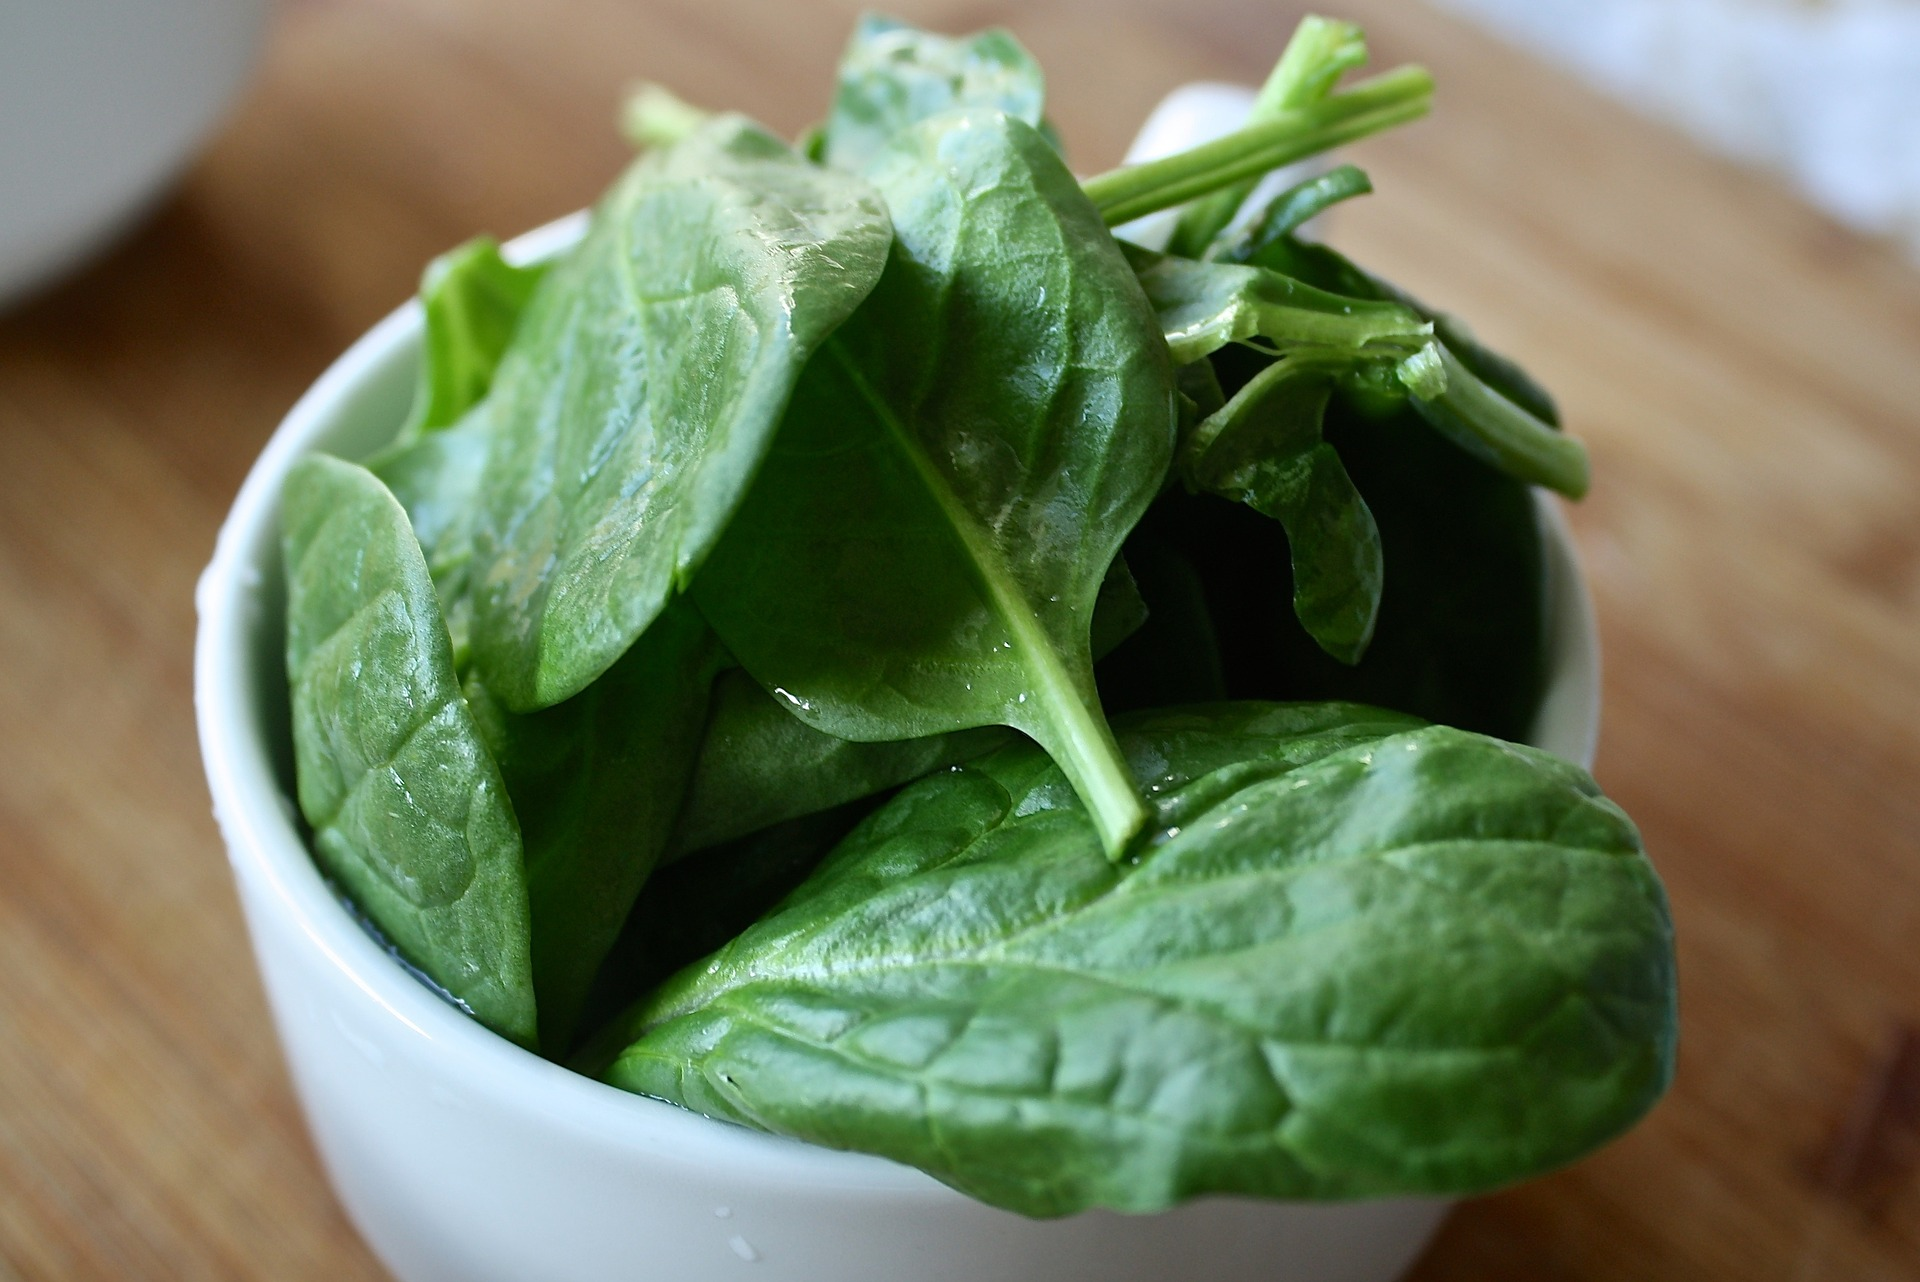 Las espinacas son un alimento permitido en la dieta FODMAP. (Aline Ponce / Pixabay)